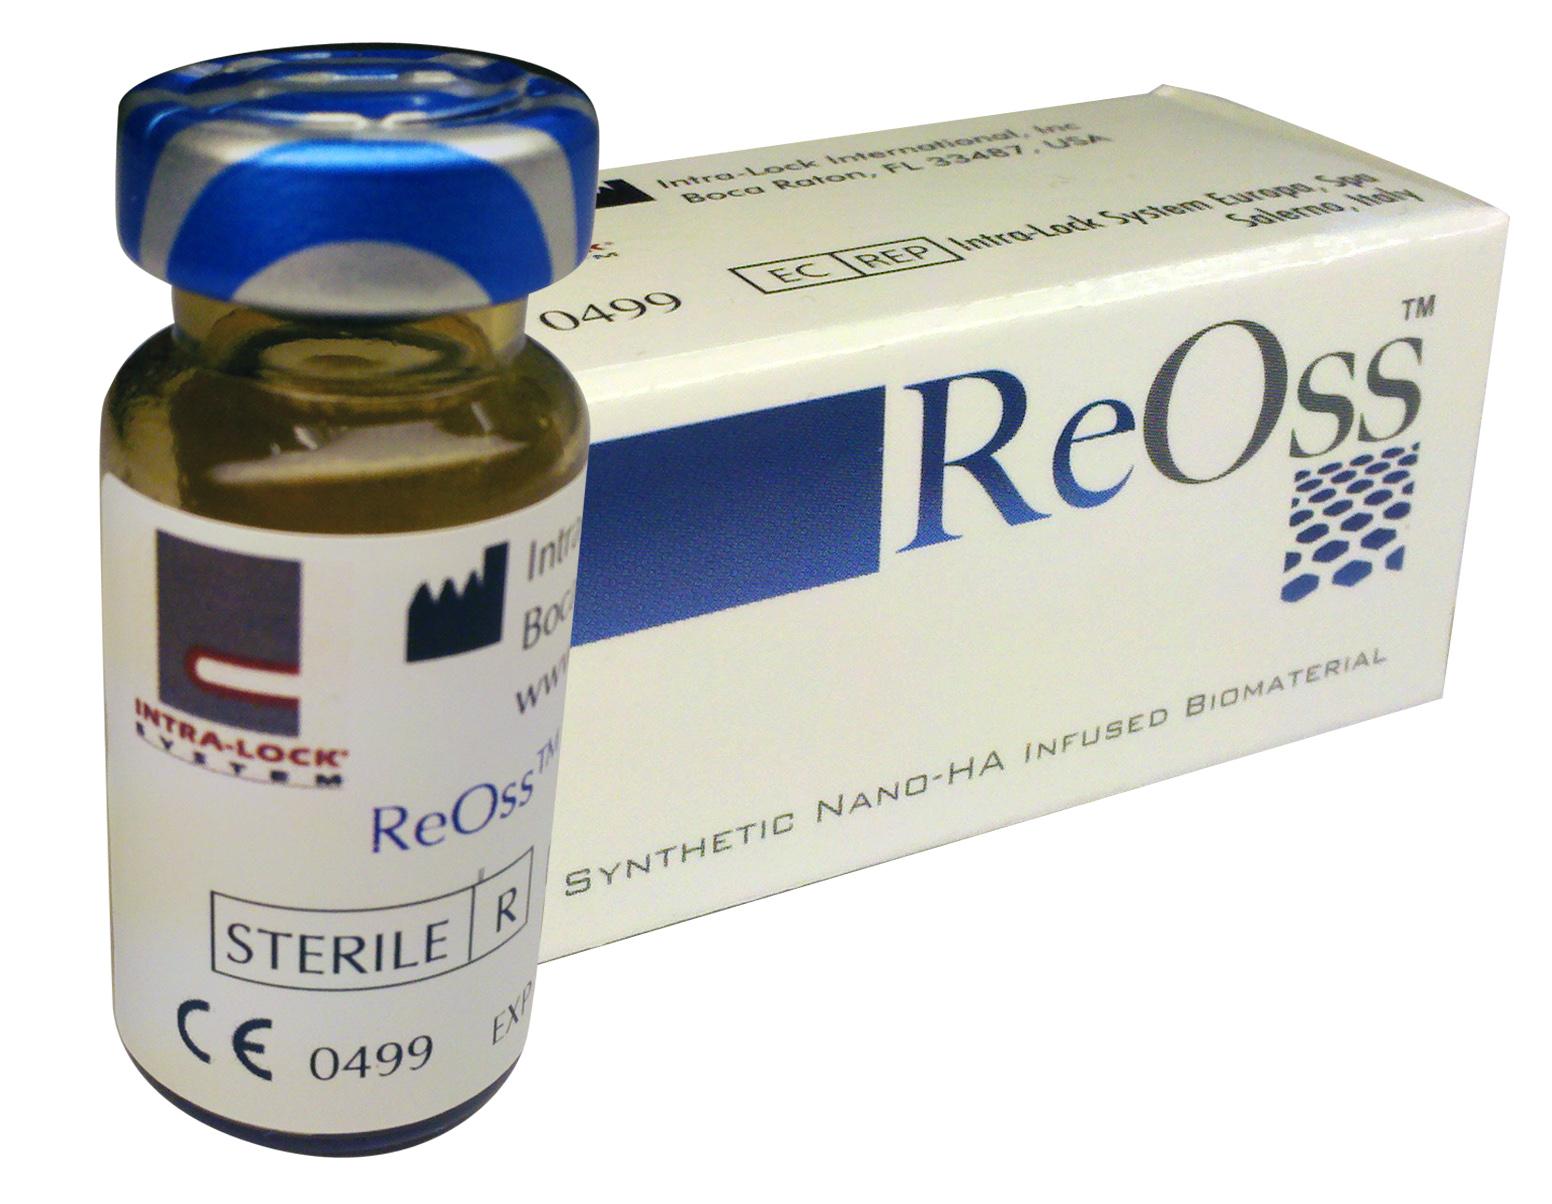 ReOss